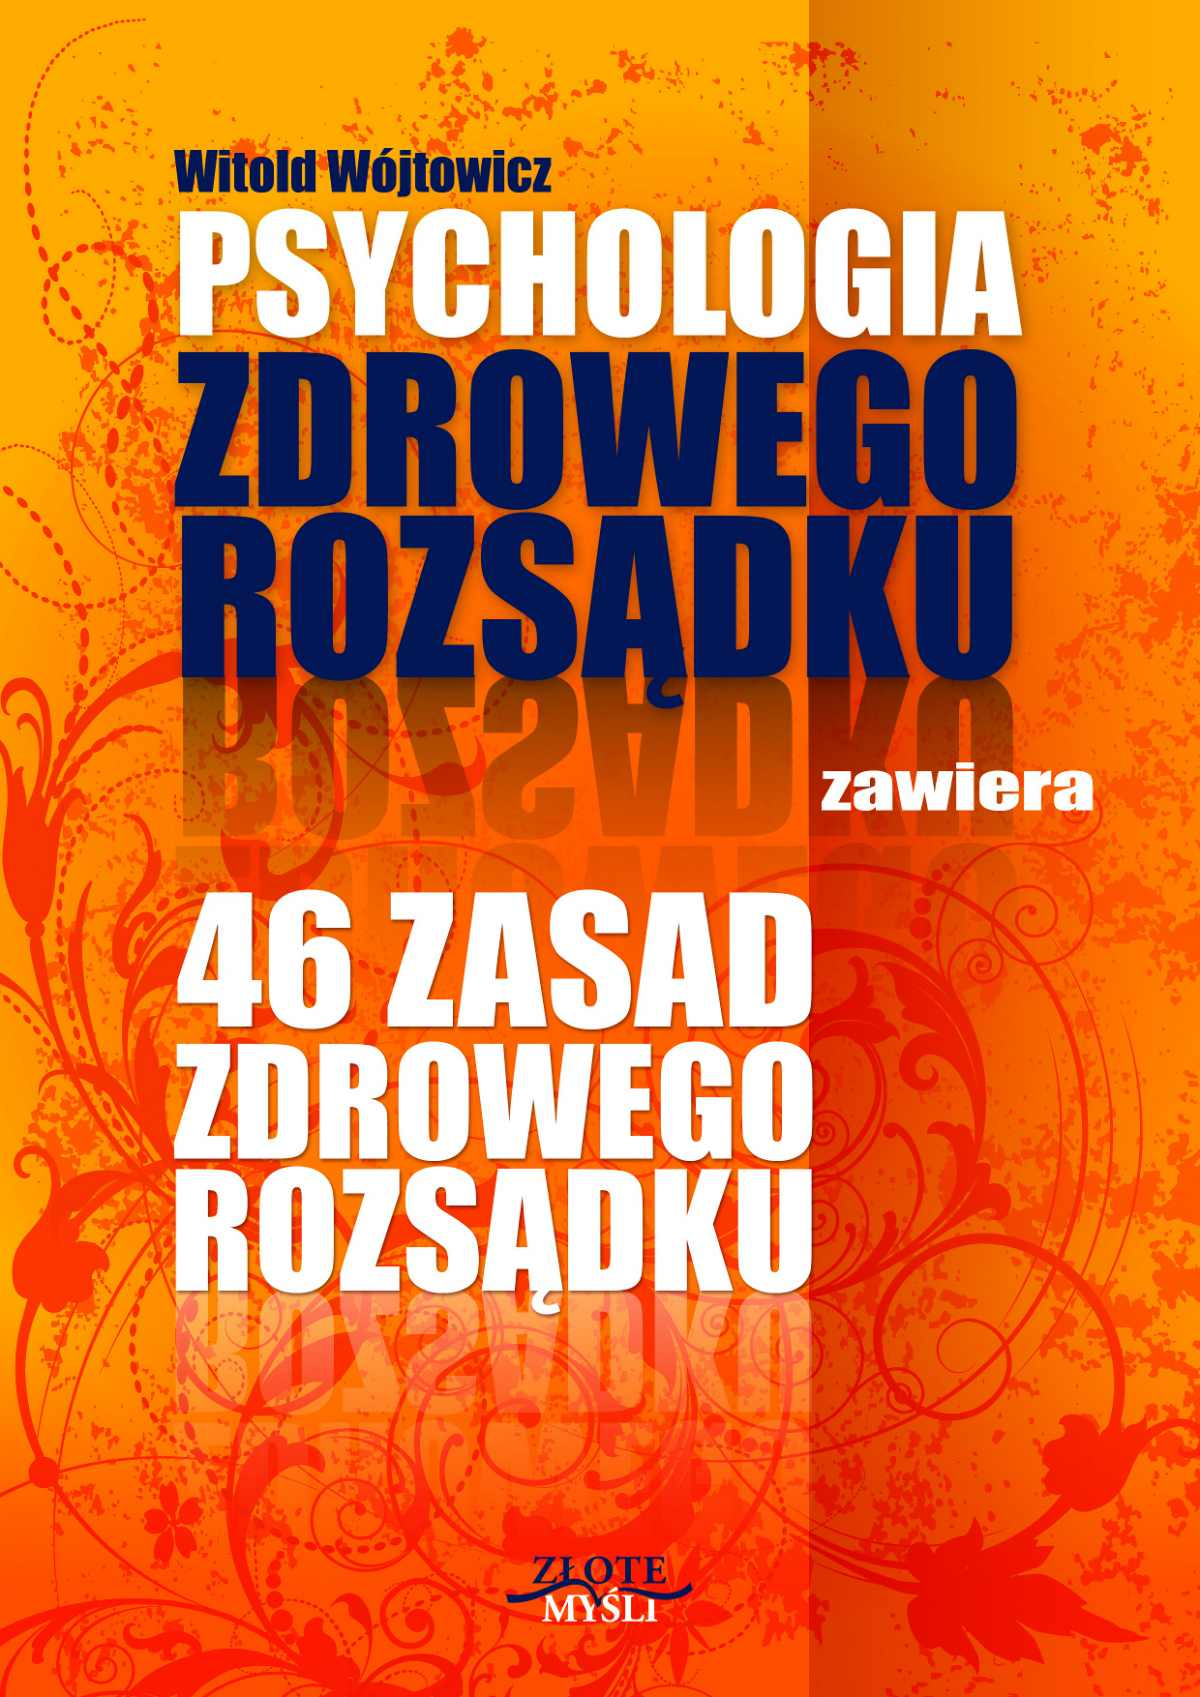 Psychologia i 46 zasad zdrowego rozsądku - Ebook (Książka PDF) do pobrania w formacie PDF